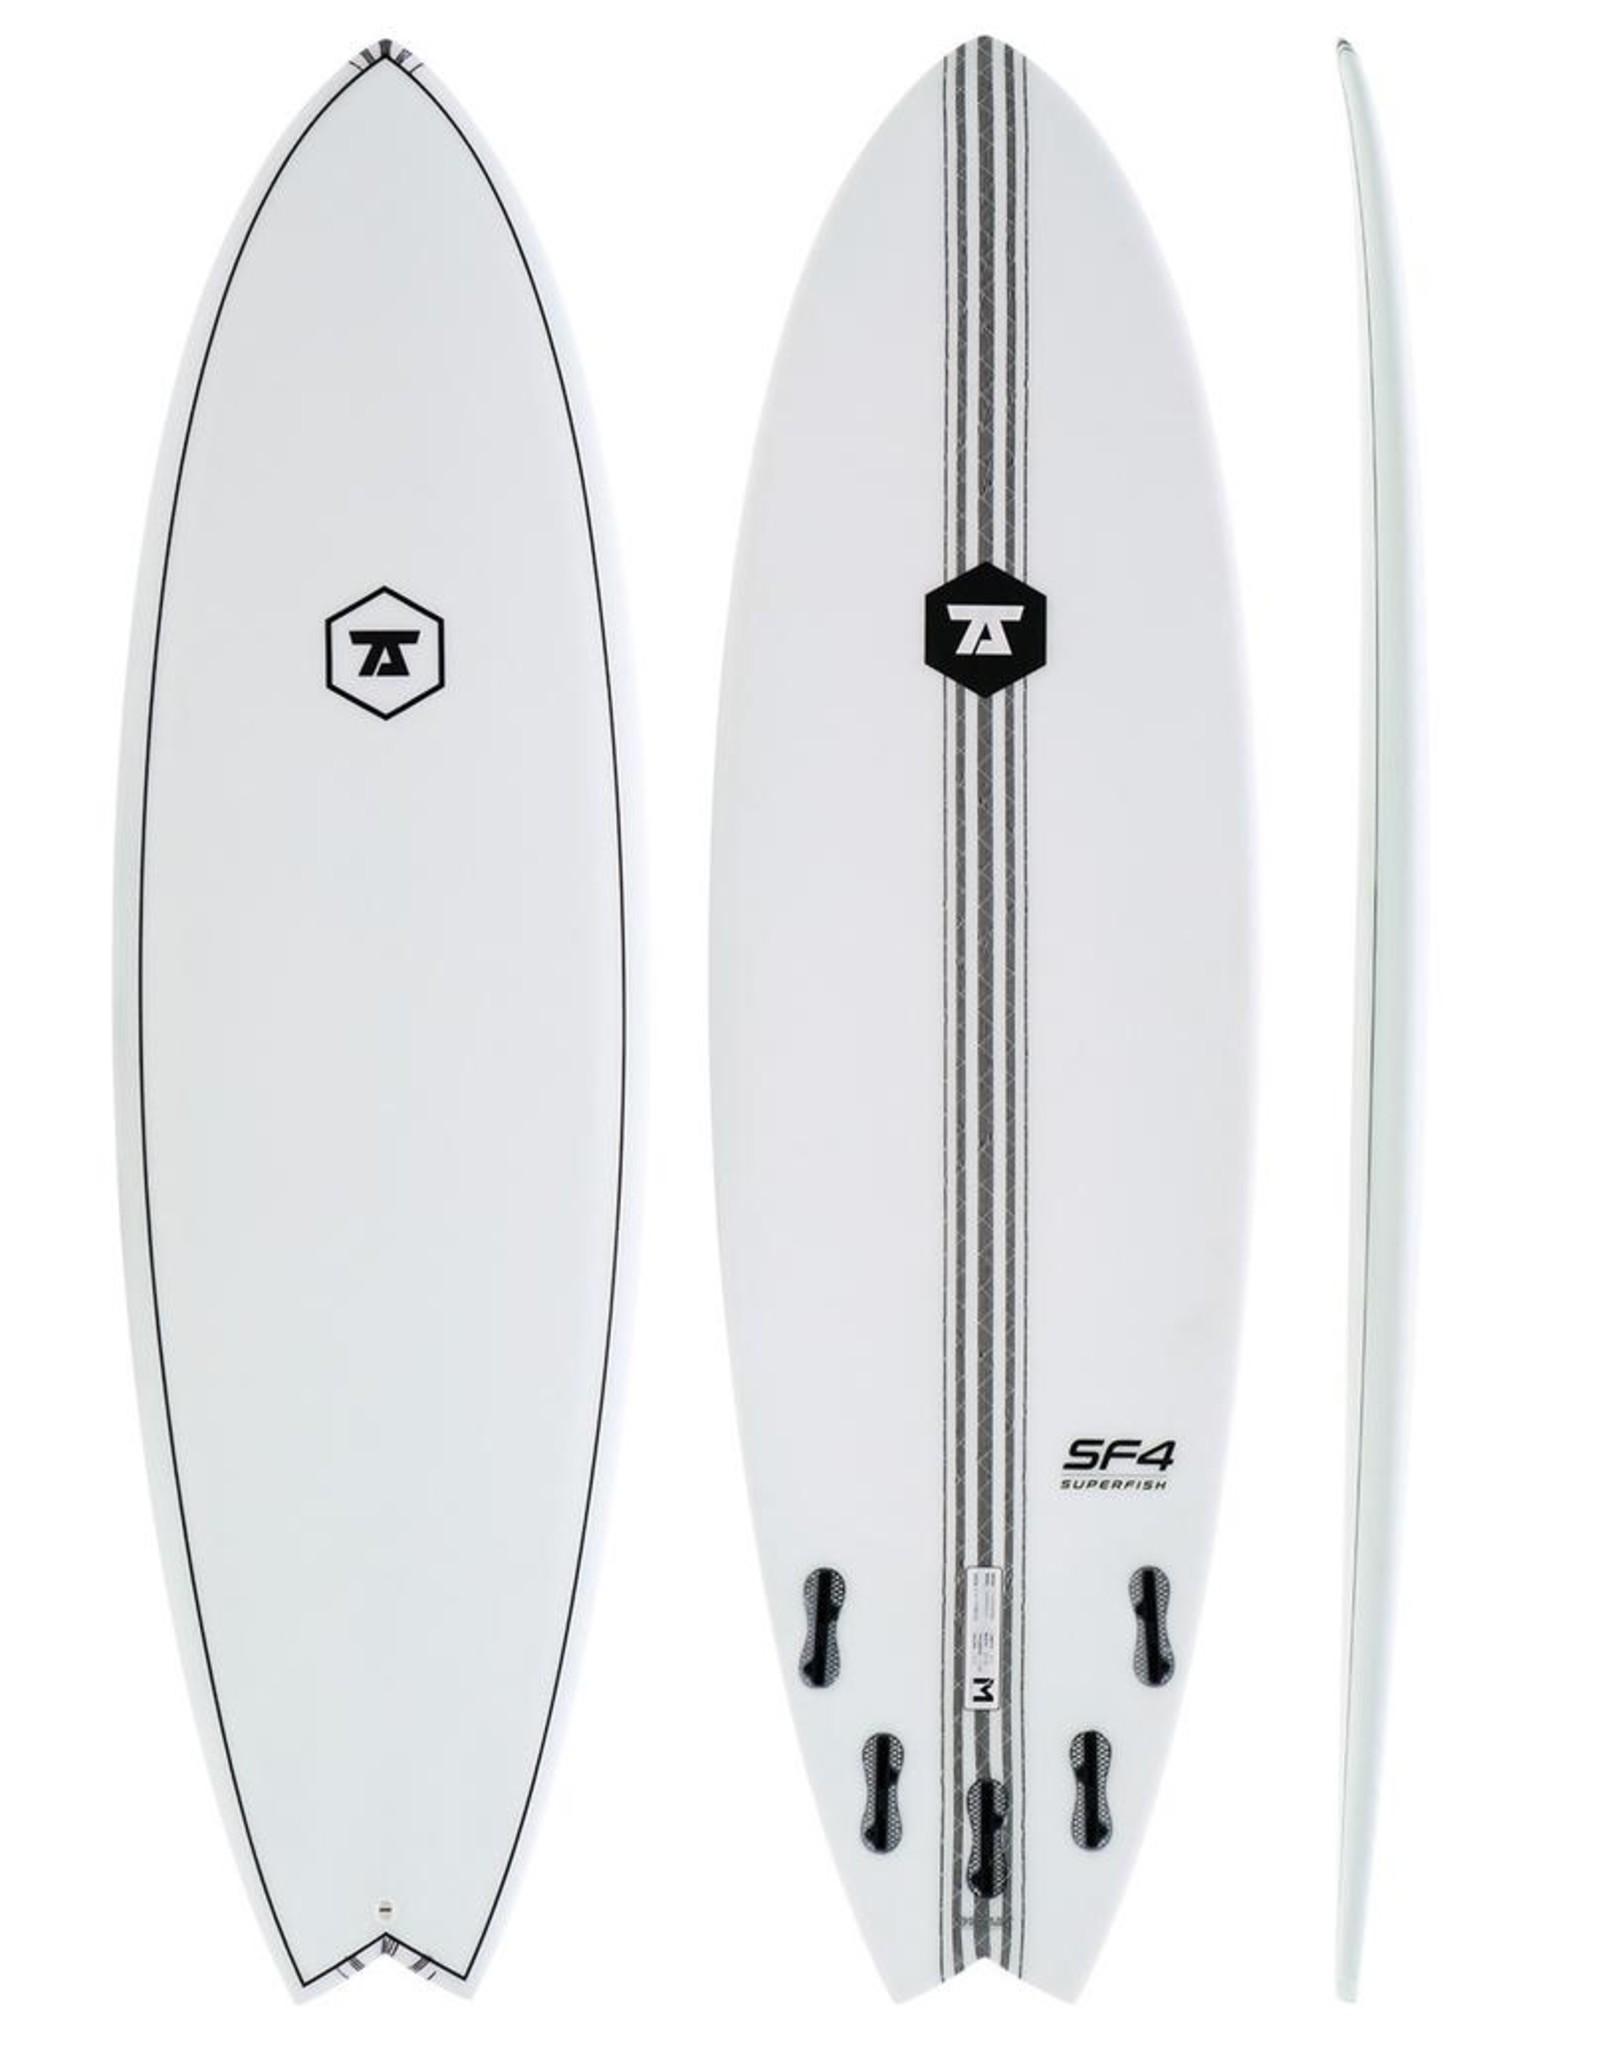 7S 7S - 6'9 SuperFish 4 IM − 45L - FCS2